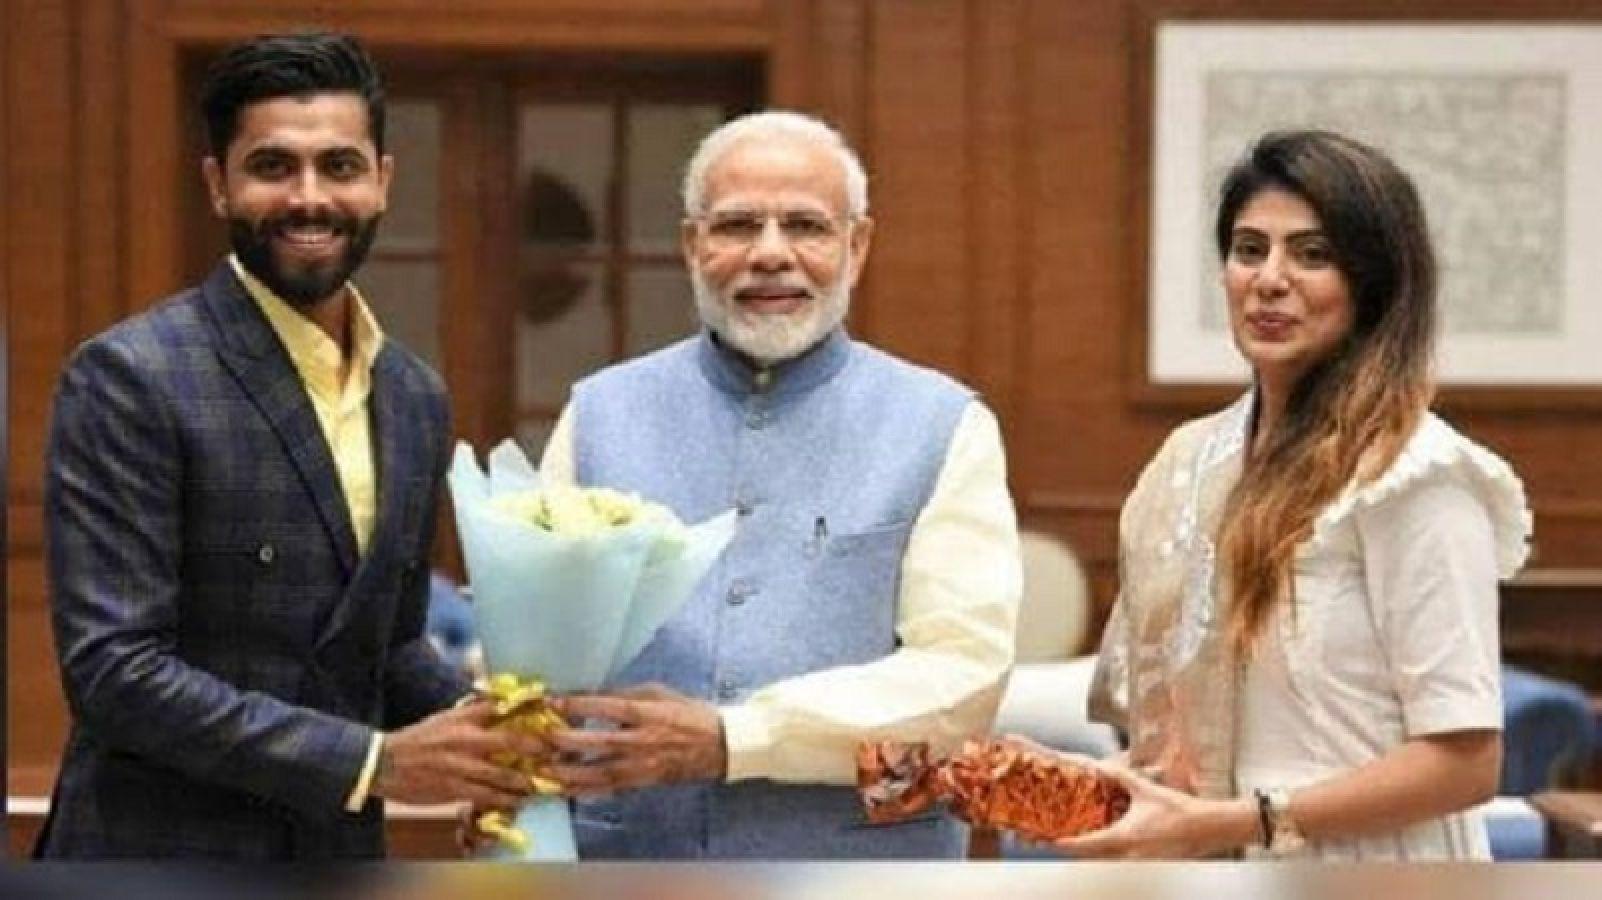 राजनीति में उतरा रविंद्र जडेजा का पूरा परिवार, दो ने ज्वाइन की भाजपा, तो दो गए कांग्रेस के साथ